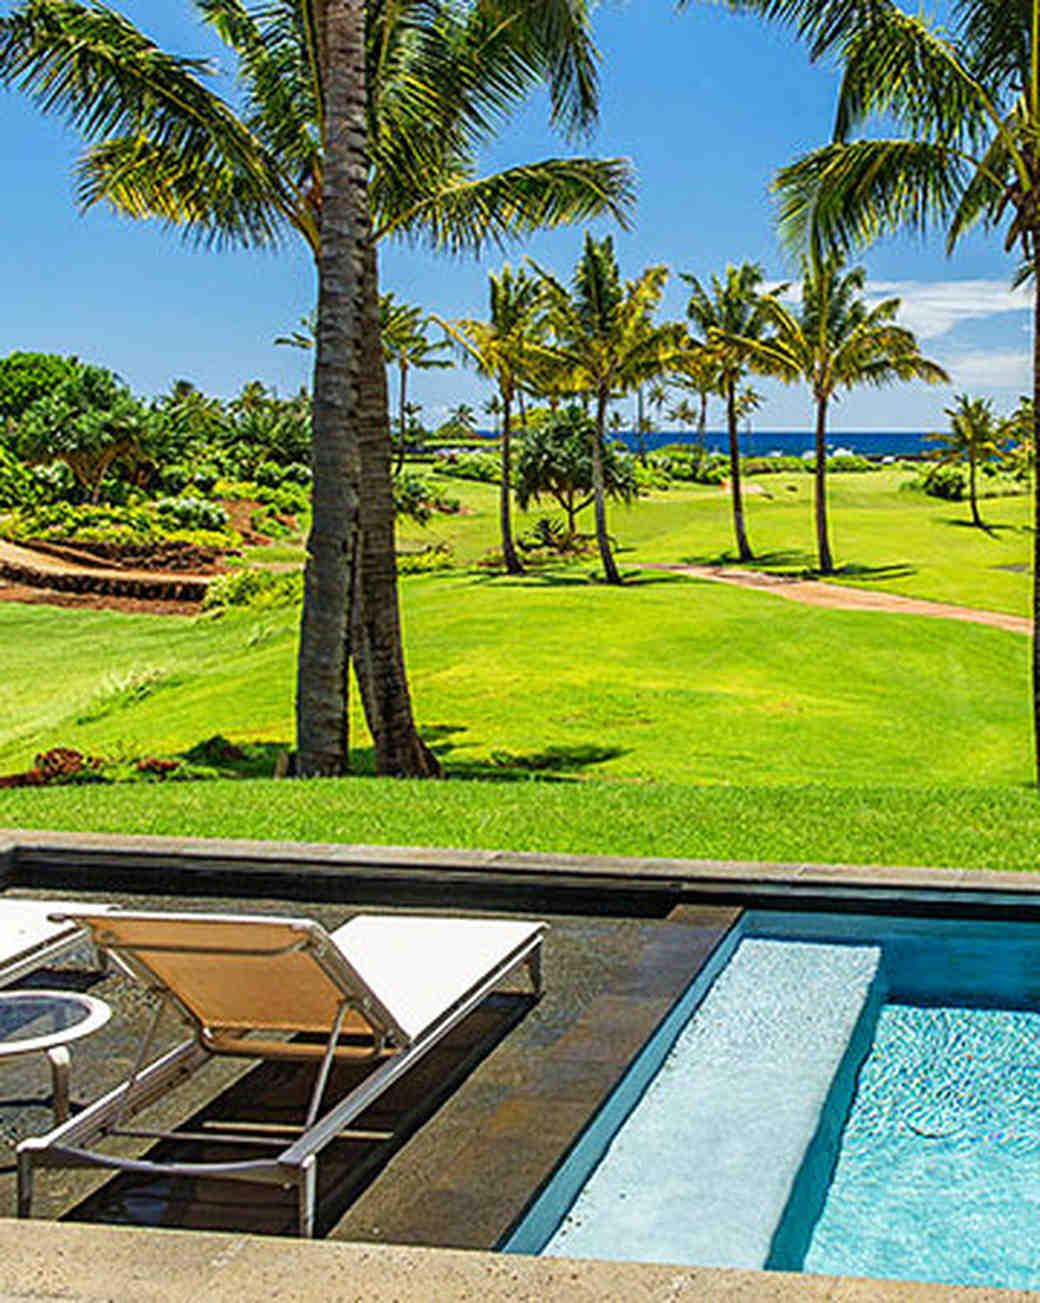 kauai hotels the lodge kukuiula